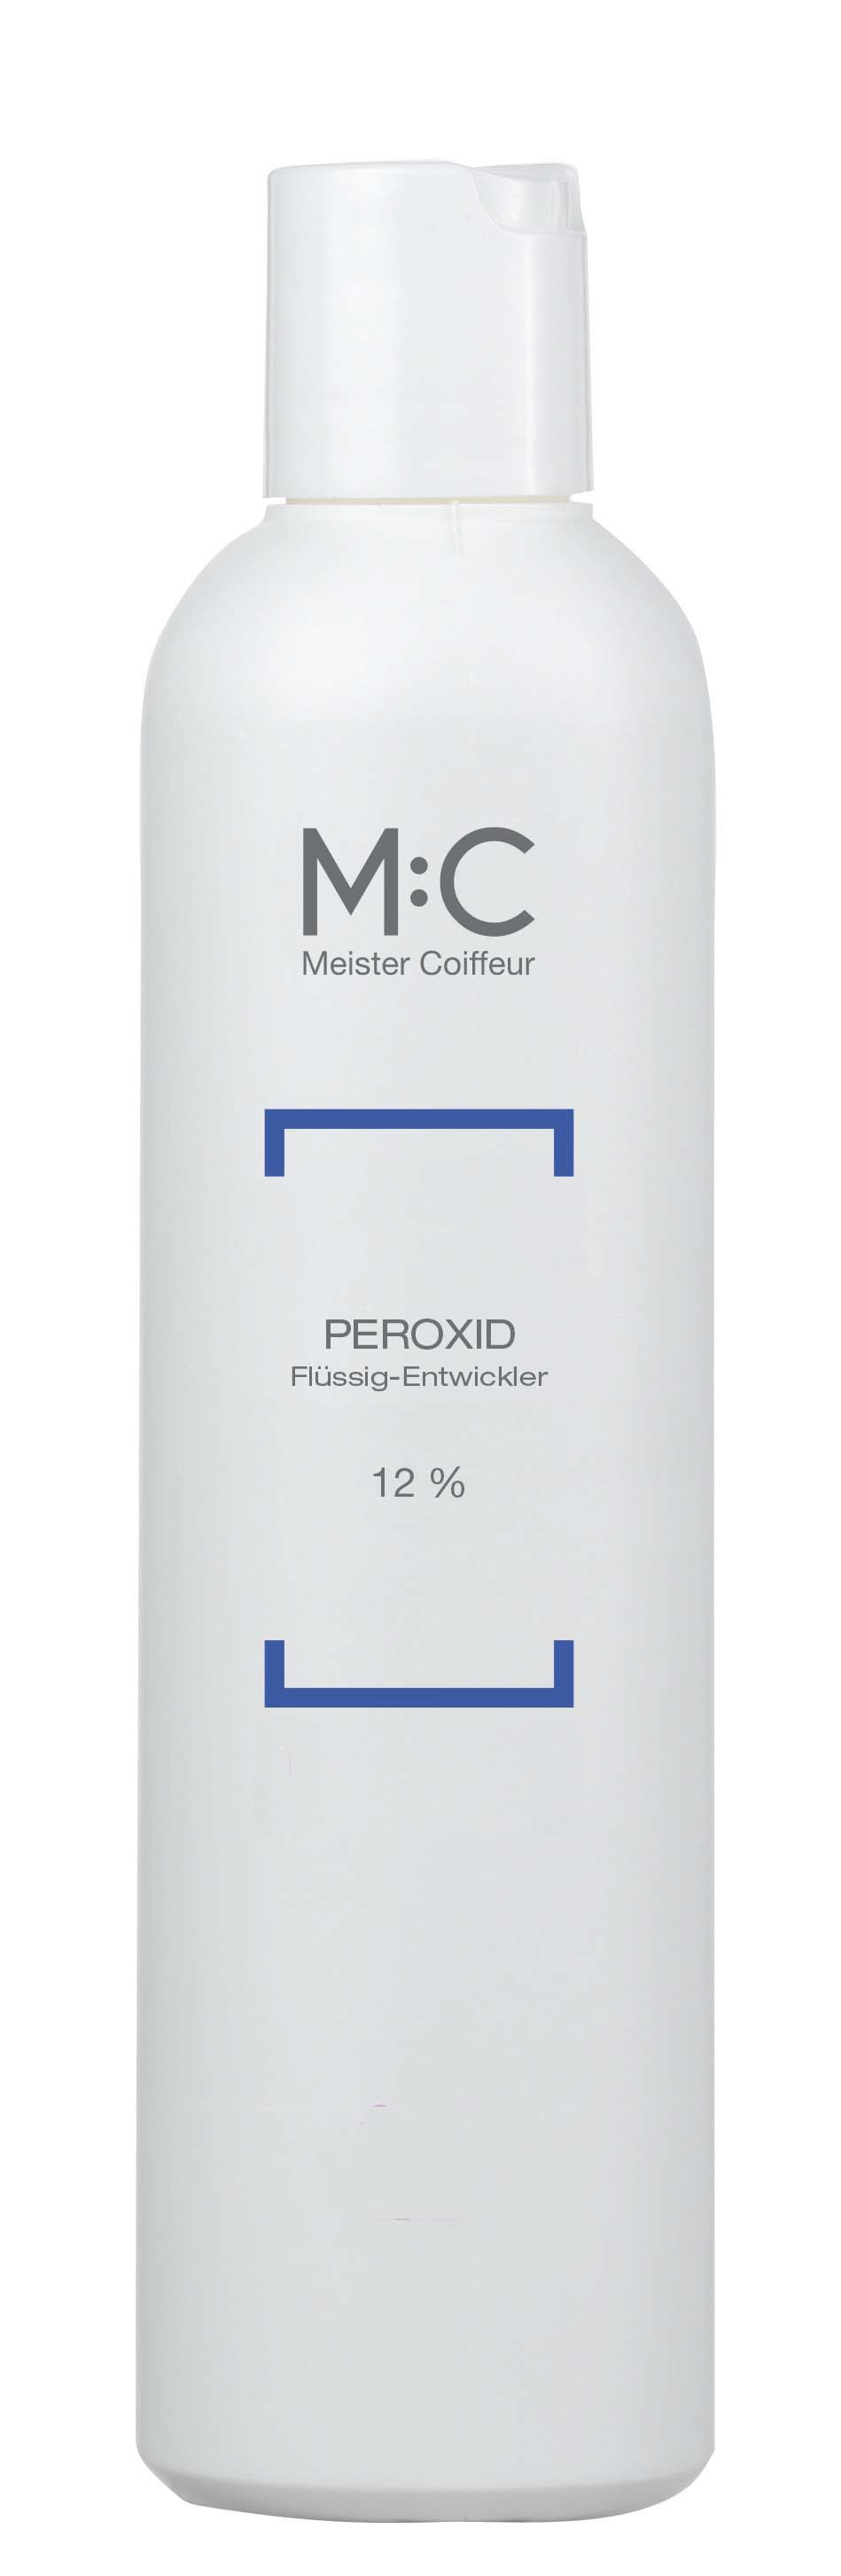 M:C Peroxide 12,0% C 250 ml